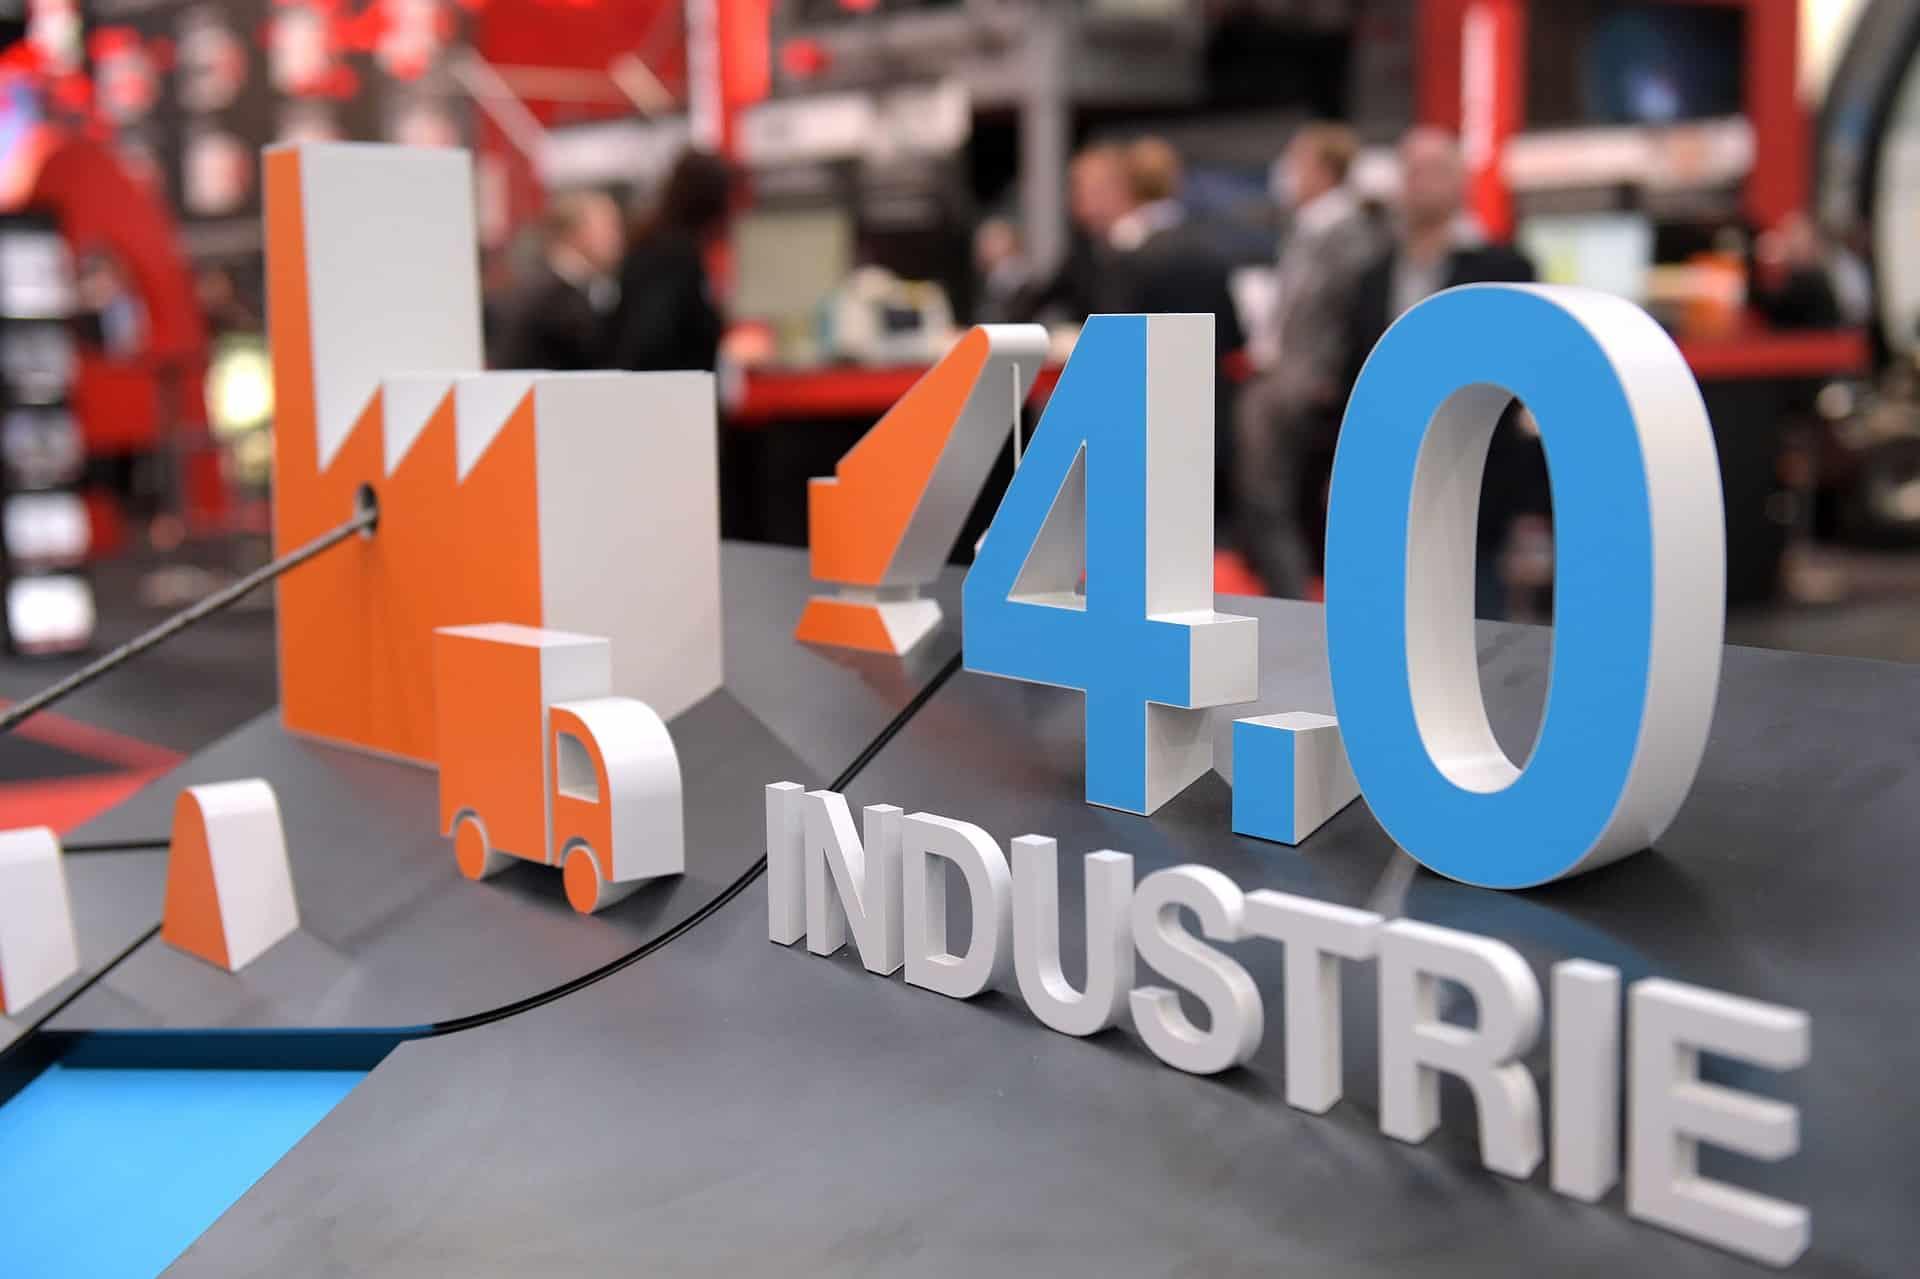 Industrie 4.0 sorgt für mehr Produktivität im deutschen Mittelstand. Foto: Liviawong / Pixabay